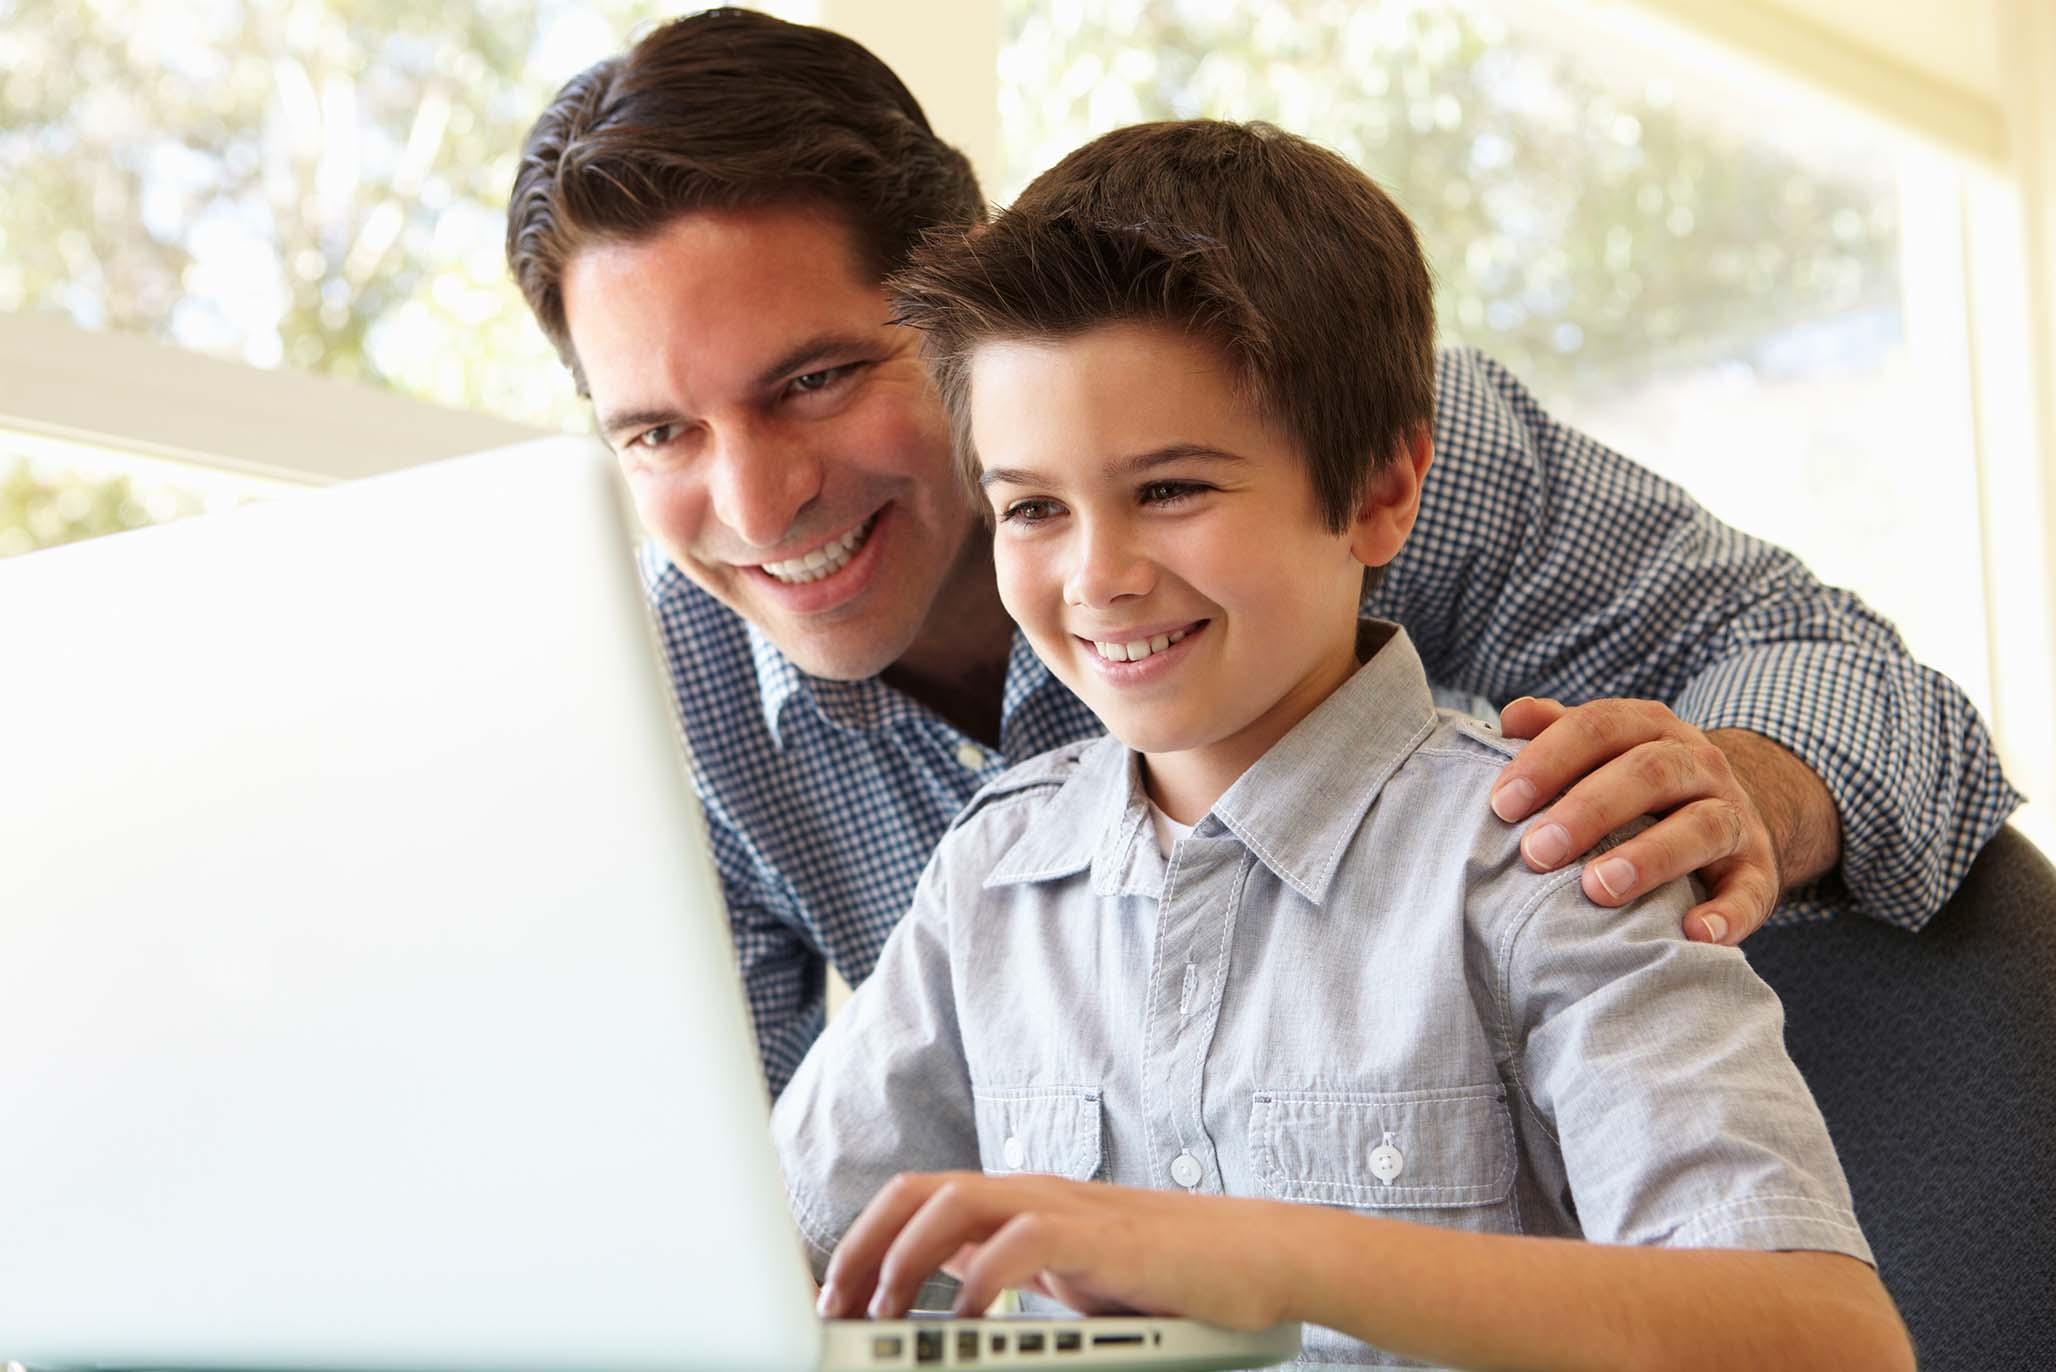 नव परिणीत पालकांसाठी आर्थिक नियोजनाची मार्गदर्शक तत्वे